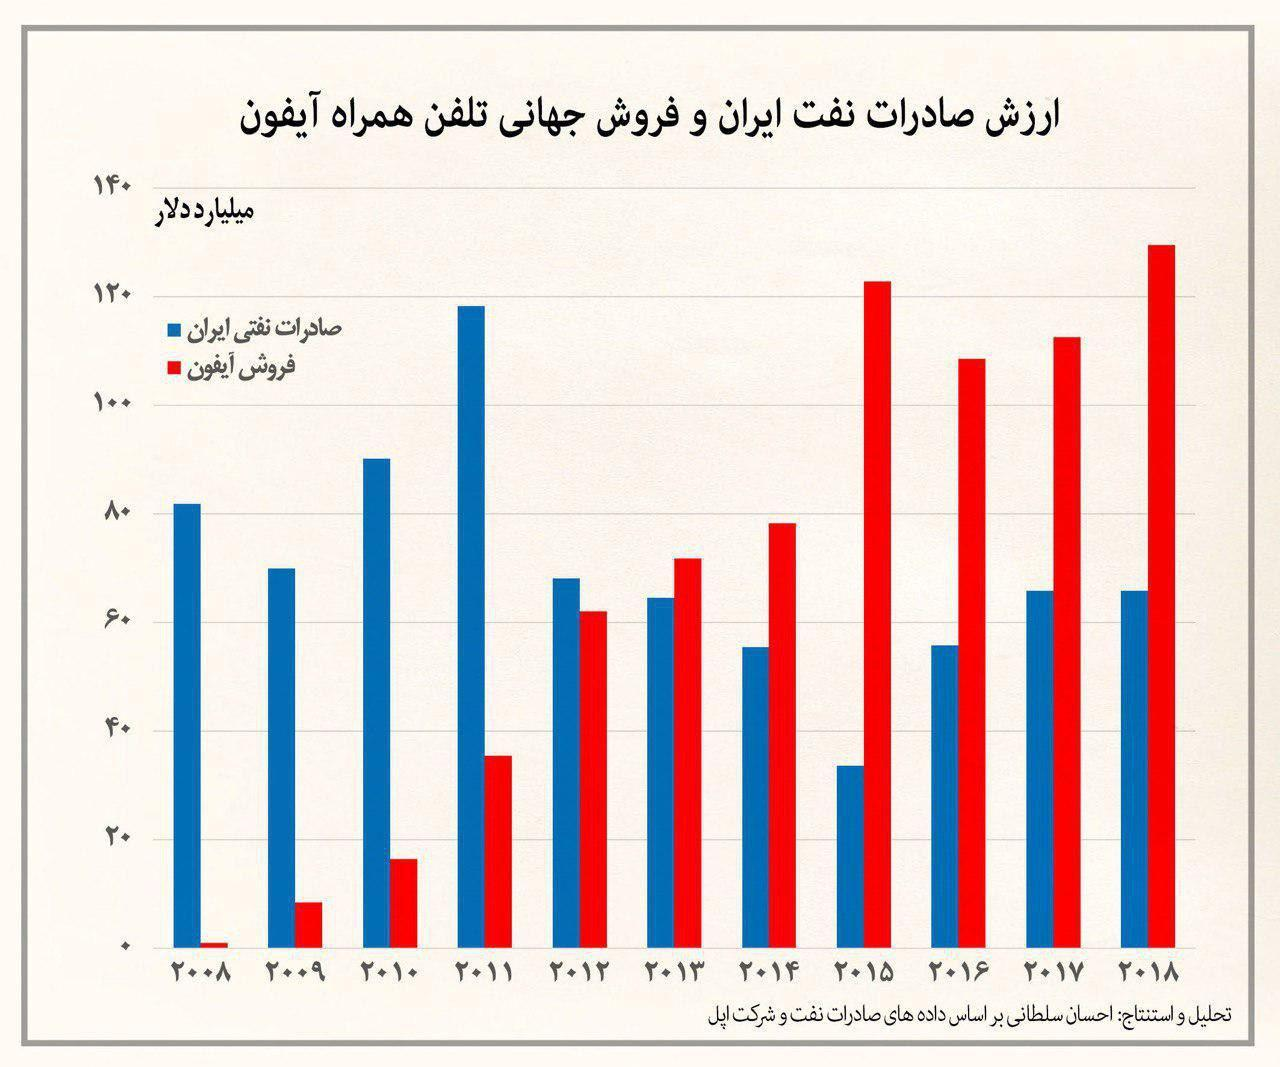 فروش آیفون از صادرات نفت ایران پیشی گرفت